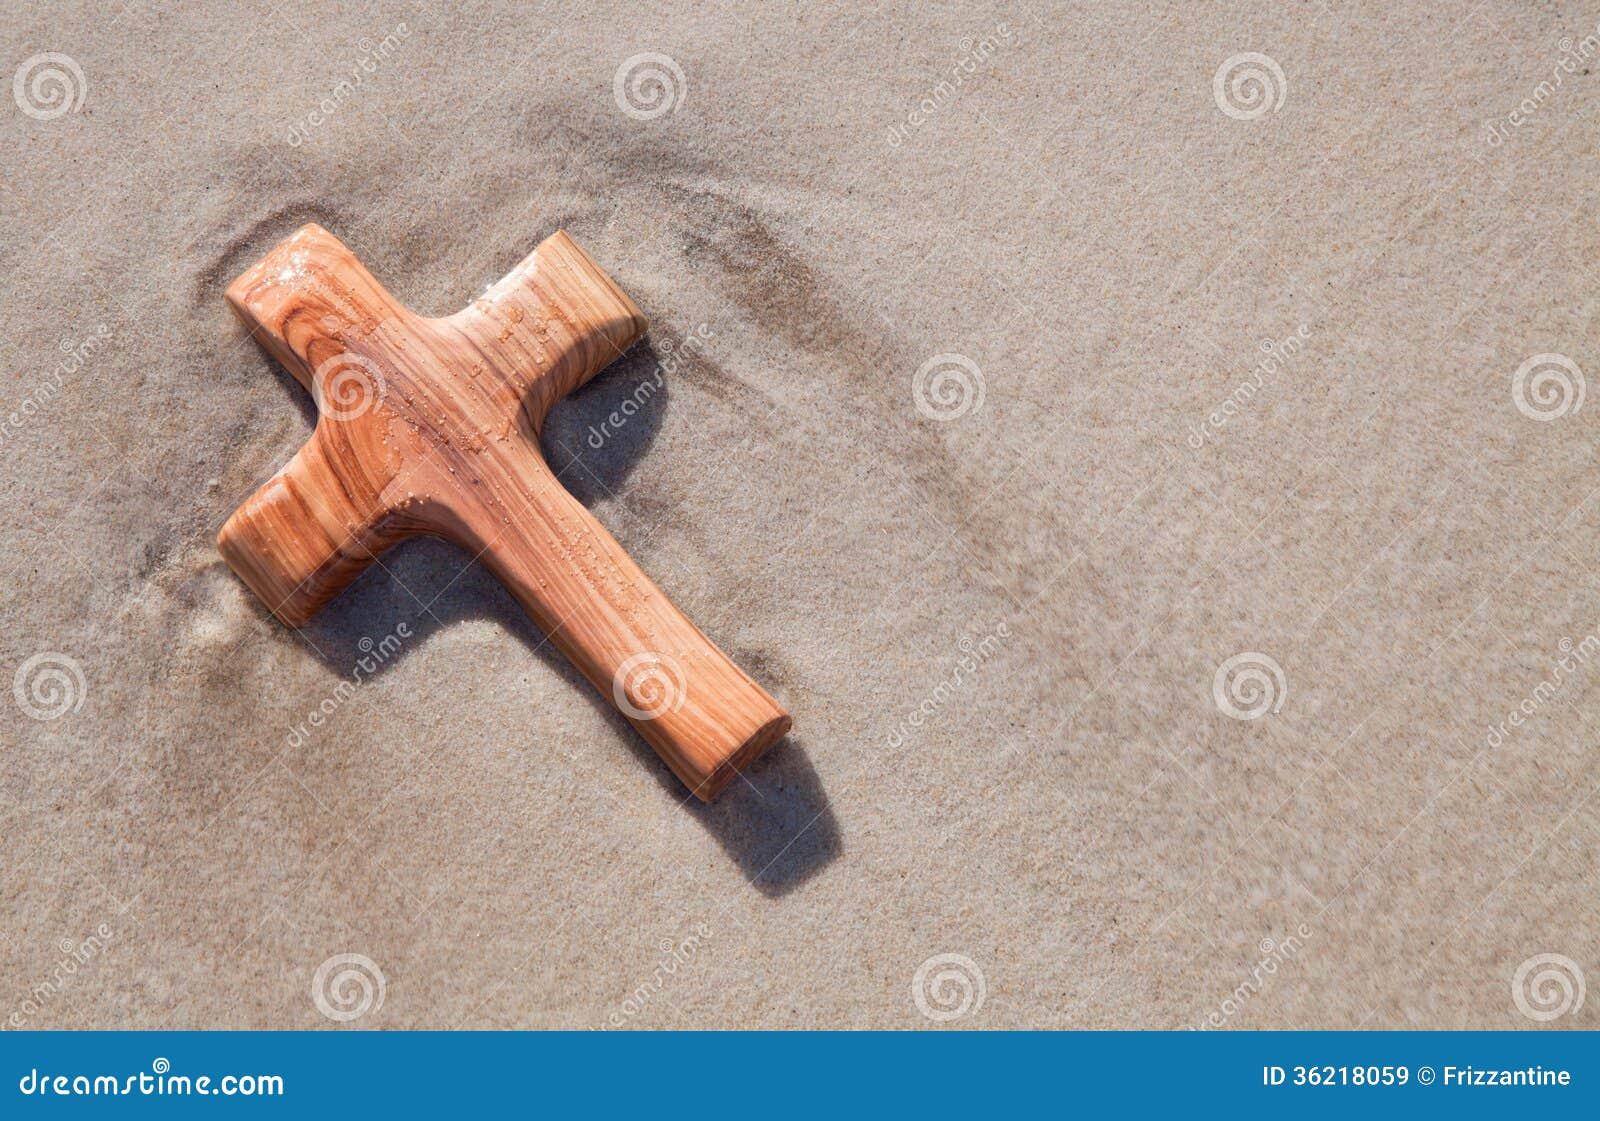 Croix en bois en sable - carte pour le deuil